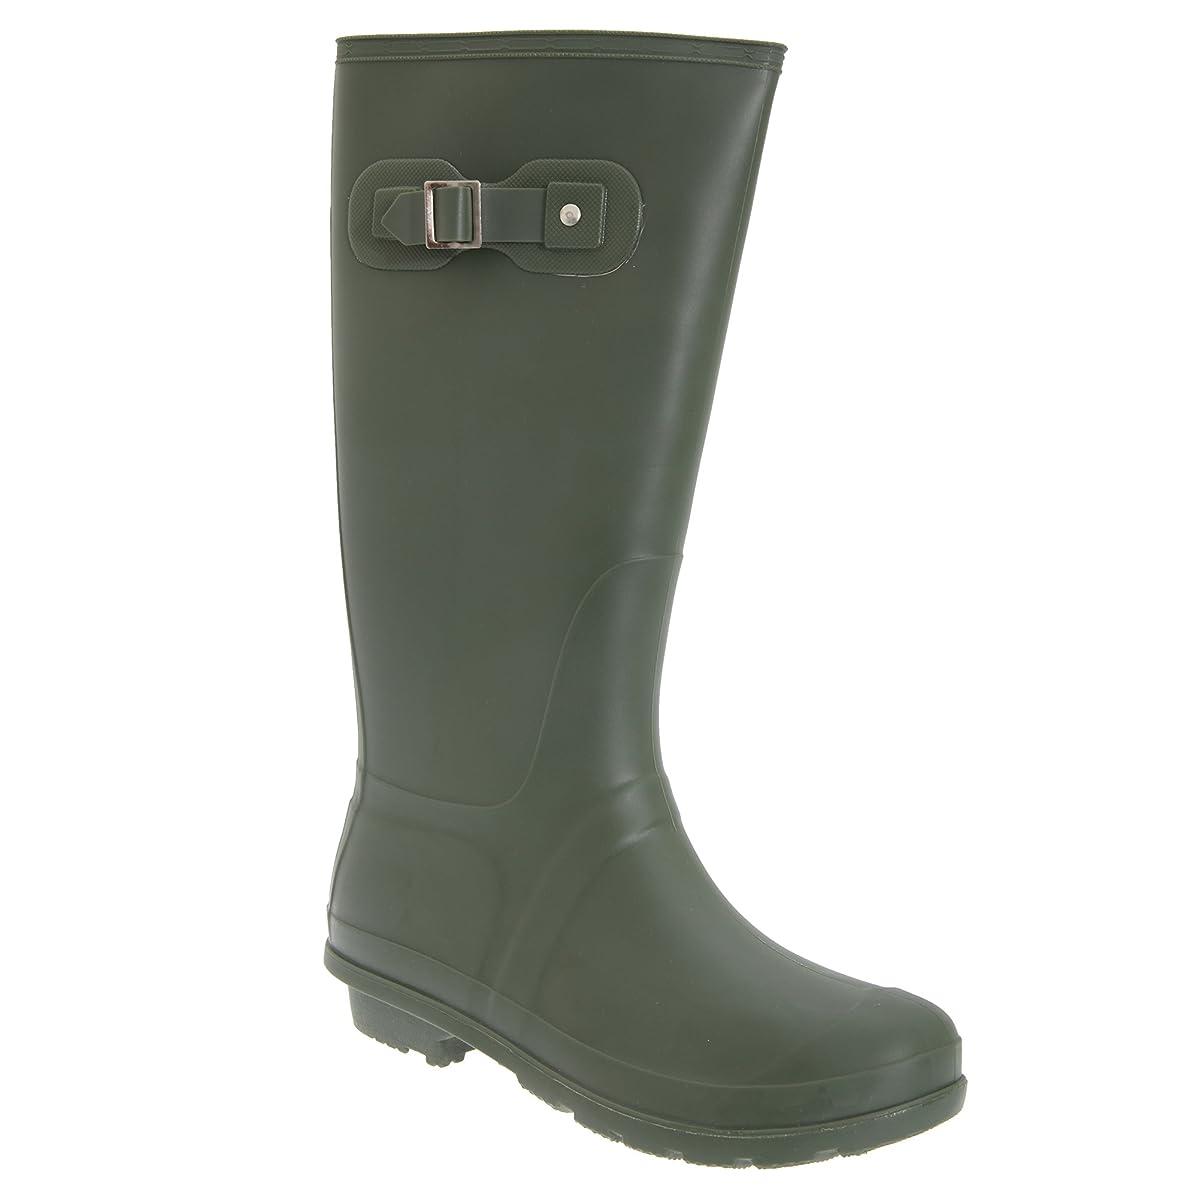 周辺扱うアダルト[StormWells] (ストームウェルズ) レディース ストラップ付き ウェリントンブーツ 婦人靴 レインシューズ 長靴 女性用